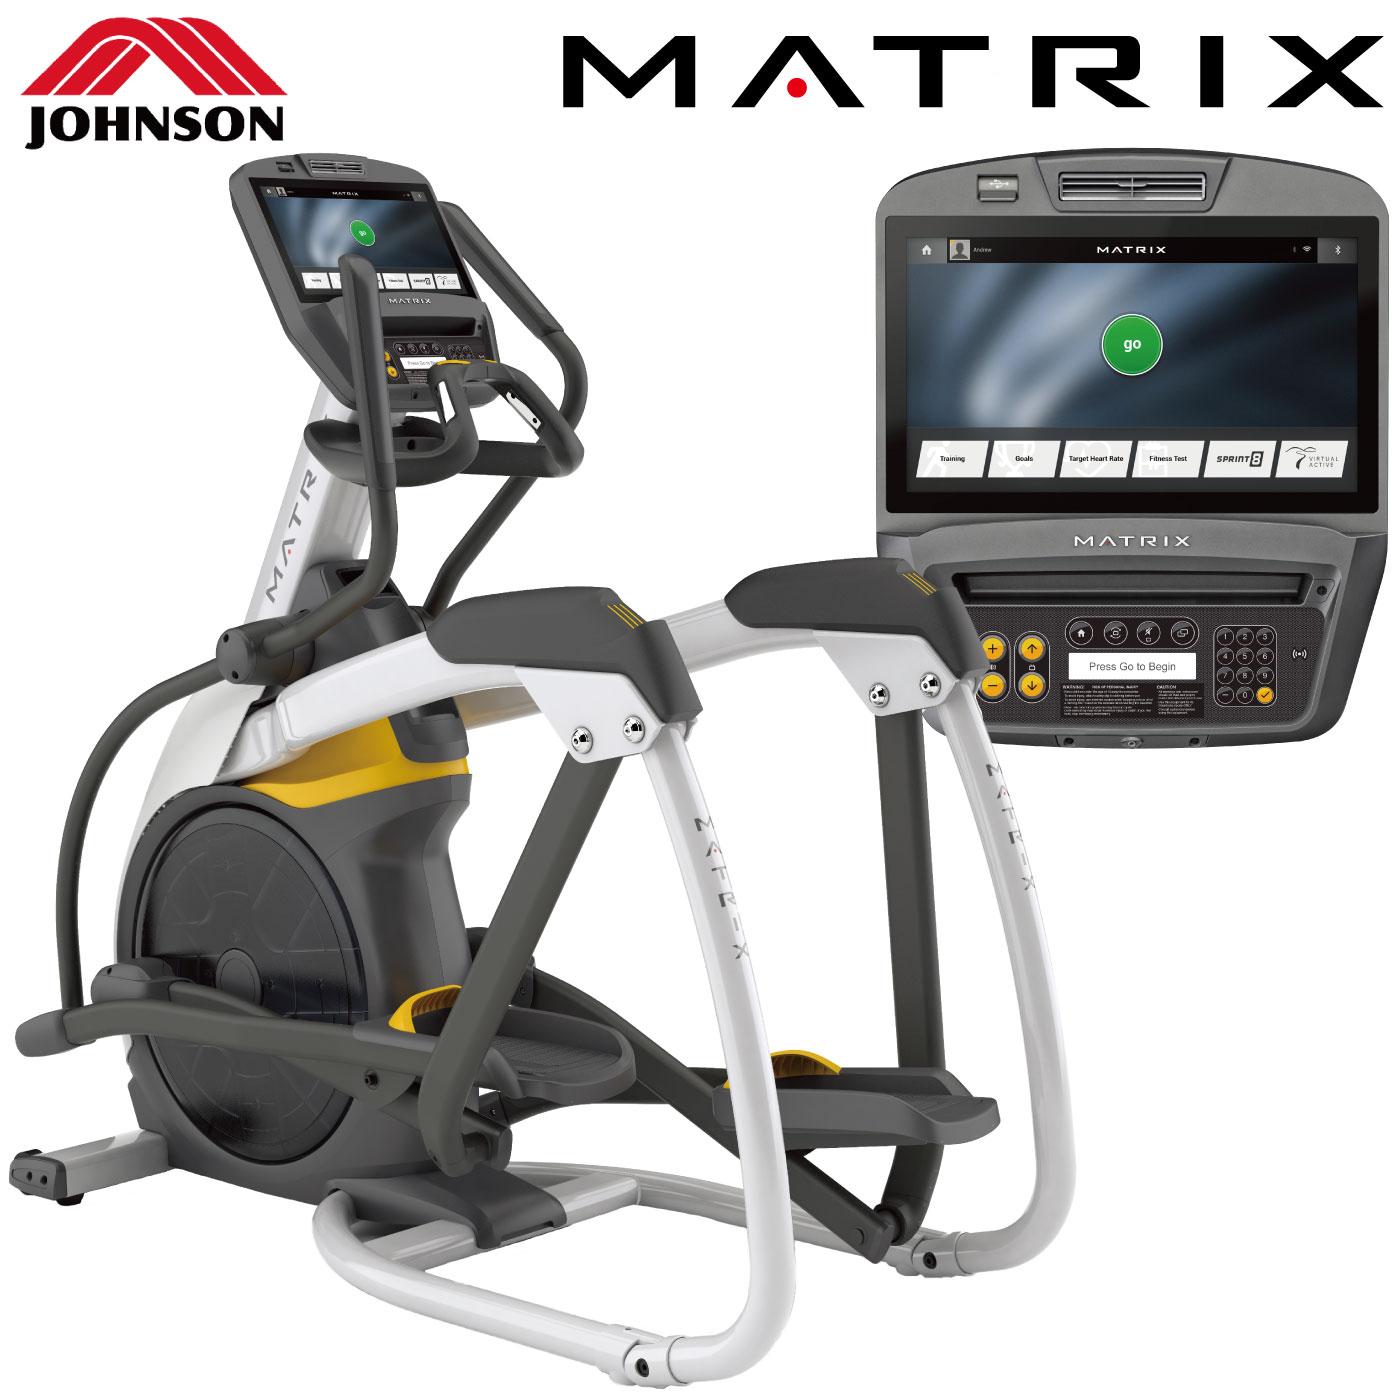 A7xi/業務用アセントトレーナー〈業務用MATRIX〉《ジョンソンヘルステック》